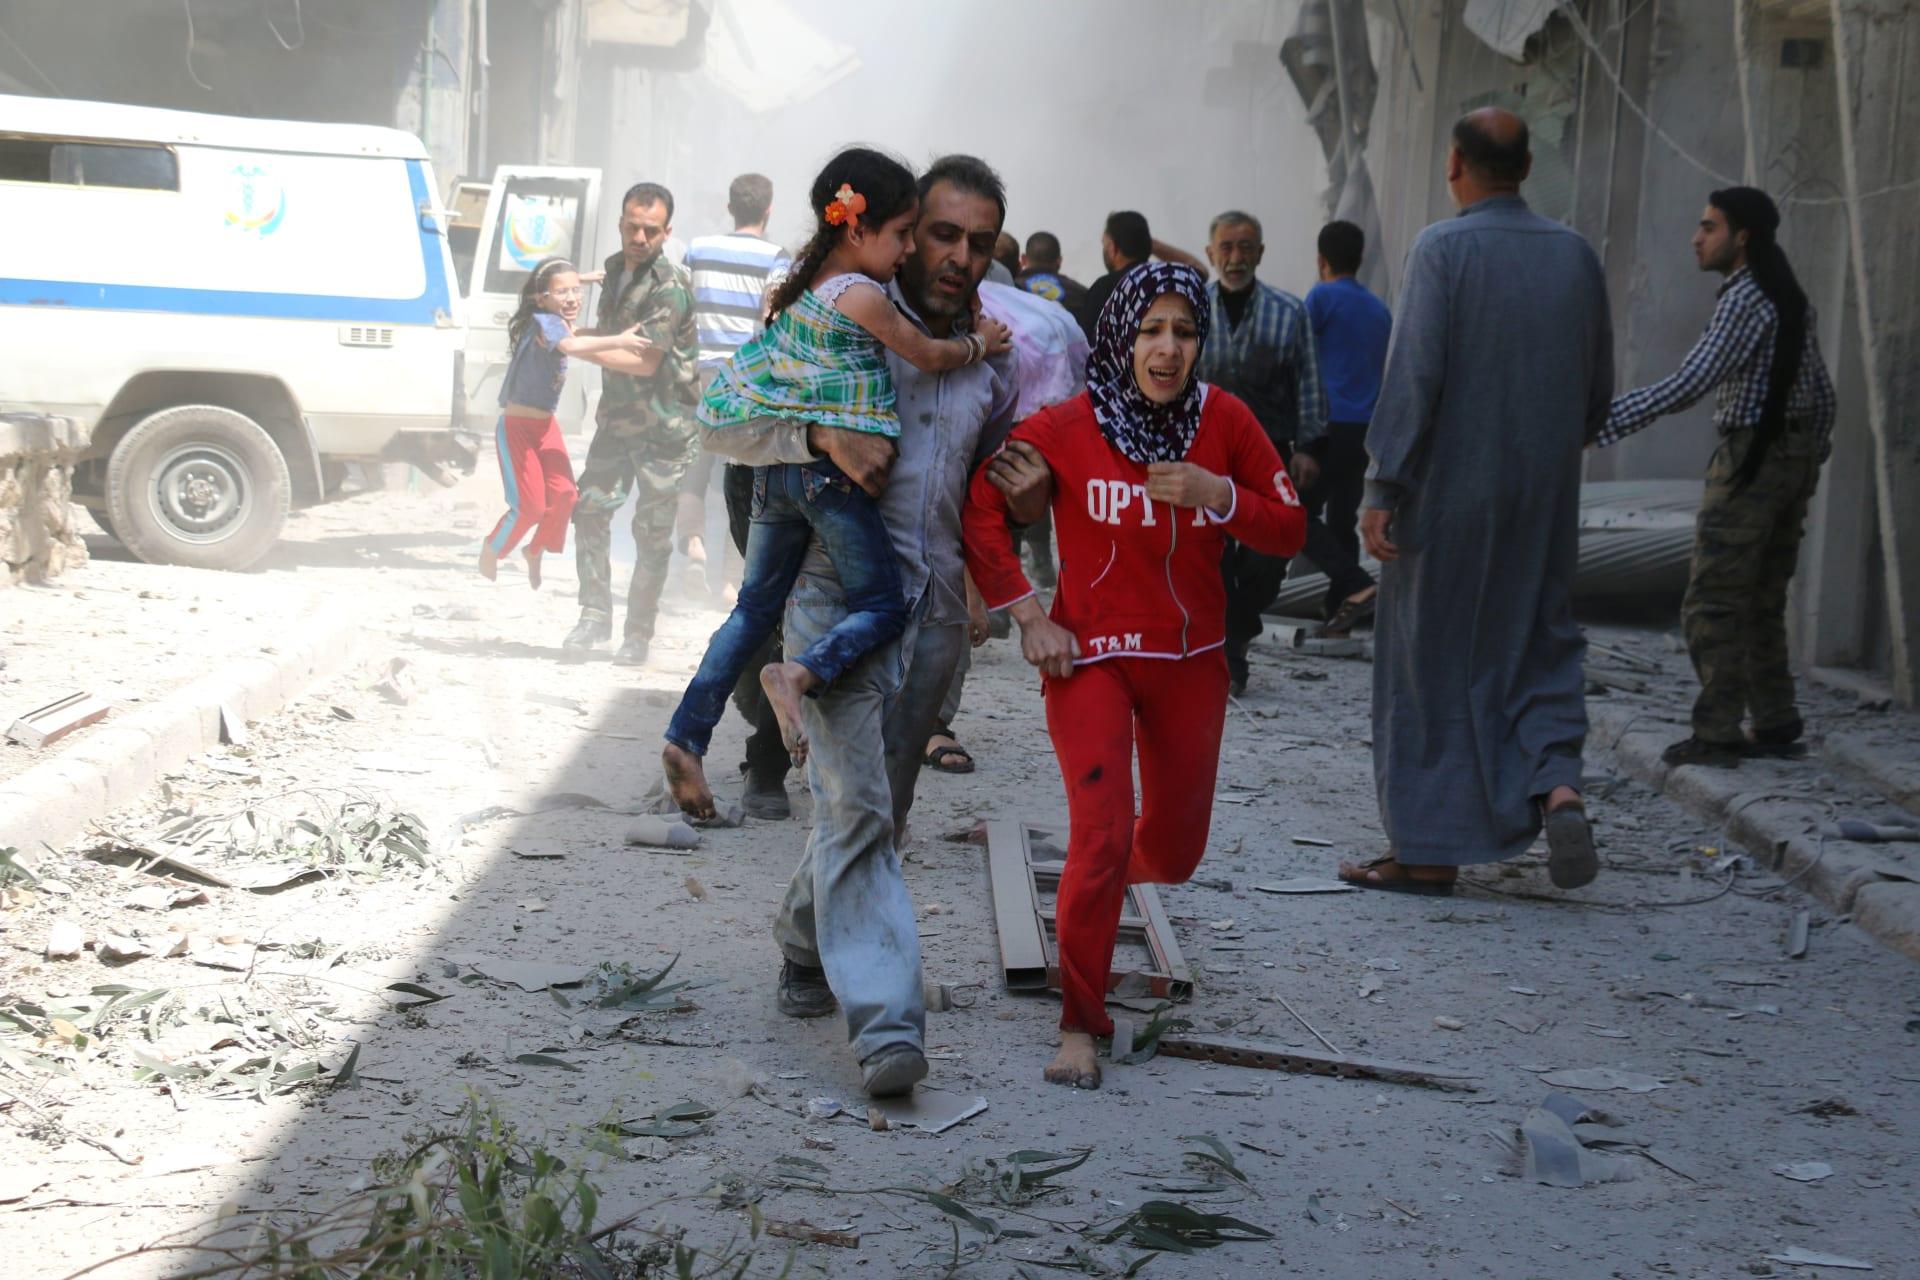 """المرصد السوري: أكثر من 90 غارة استهدفت حلب خلال 24 ساعة وأنباء عن انفجار مستودع ذخيرة لـ""""داعش"""""""